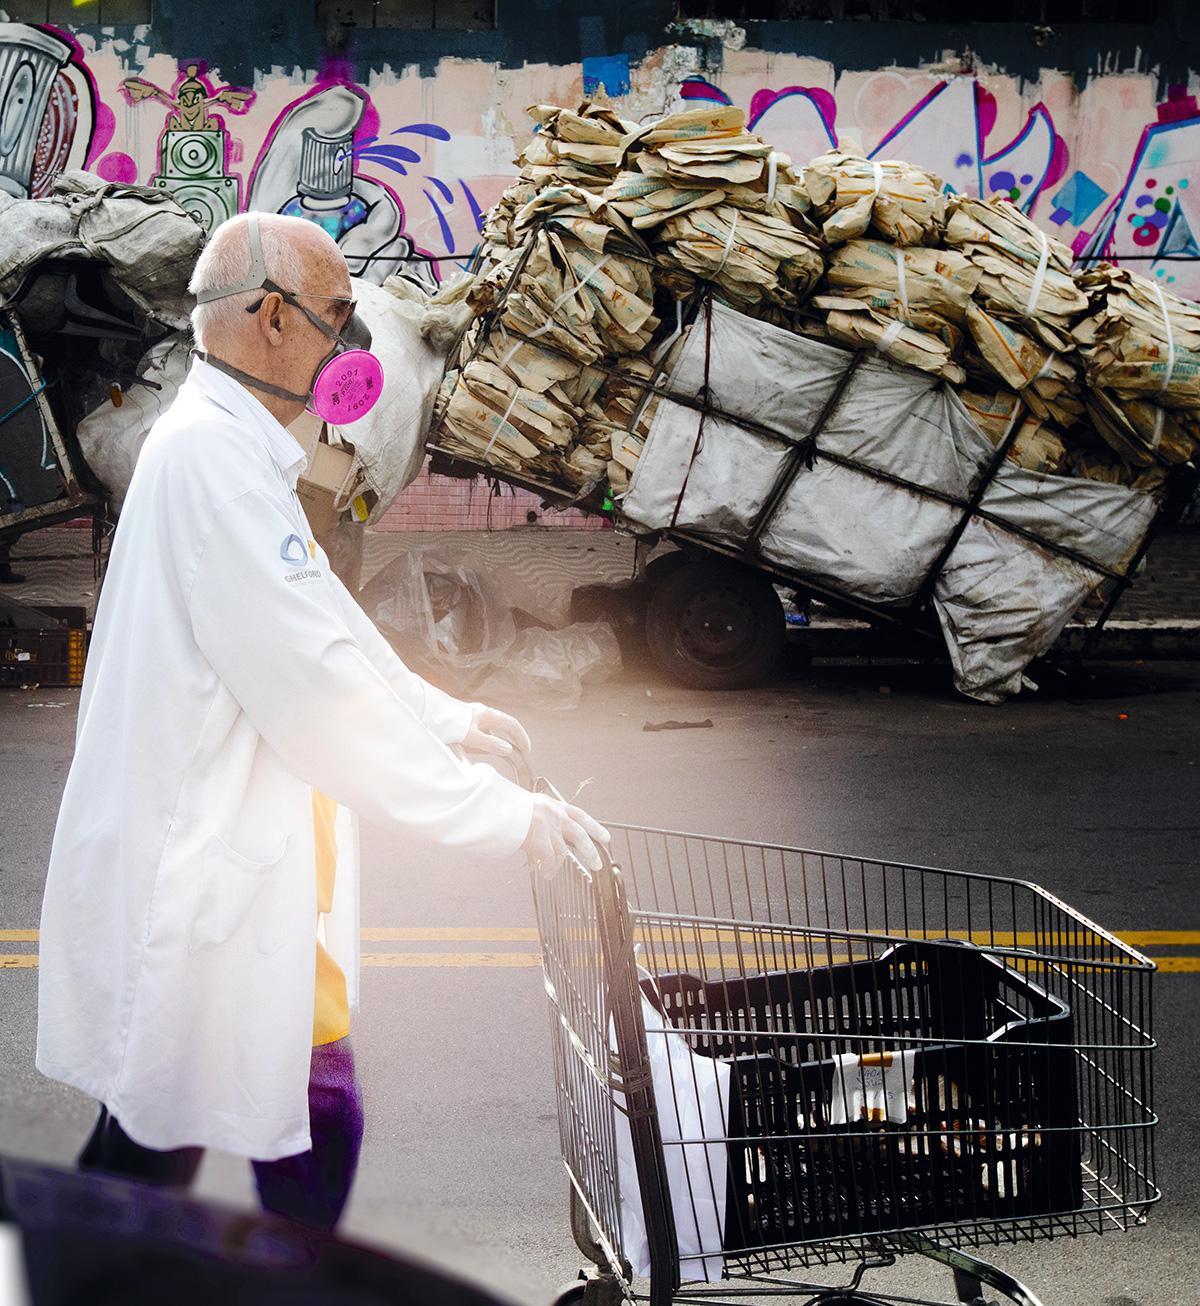 """O padre Lancellotti em ação: em 10 de outubro de 2020, às 14h15, seu celular tocou e um homem se identificou. """"Papa Francesco."""" Admirado, o pároco soltou um animado """"Santità!!"""""""